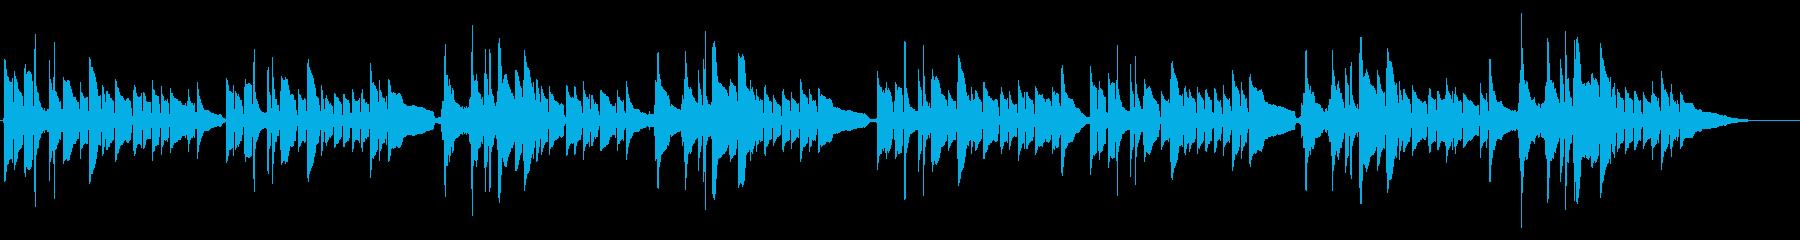 英国民謡 グリーンスリーブス アコギ独奏の再生済みの波形